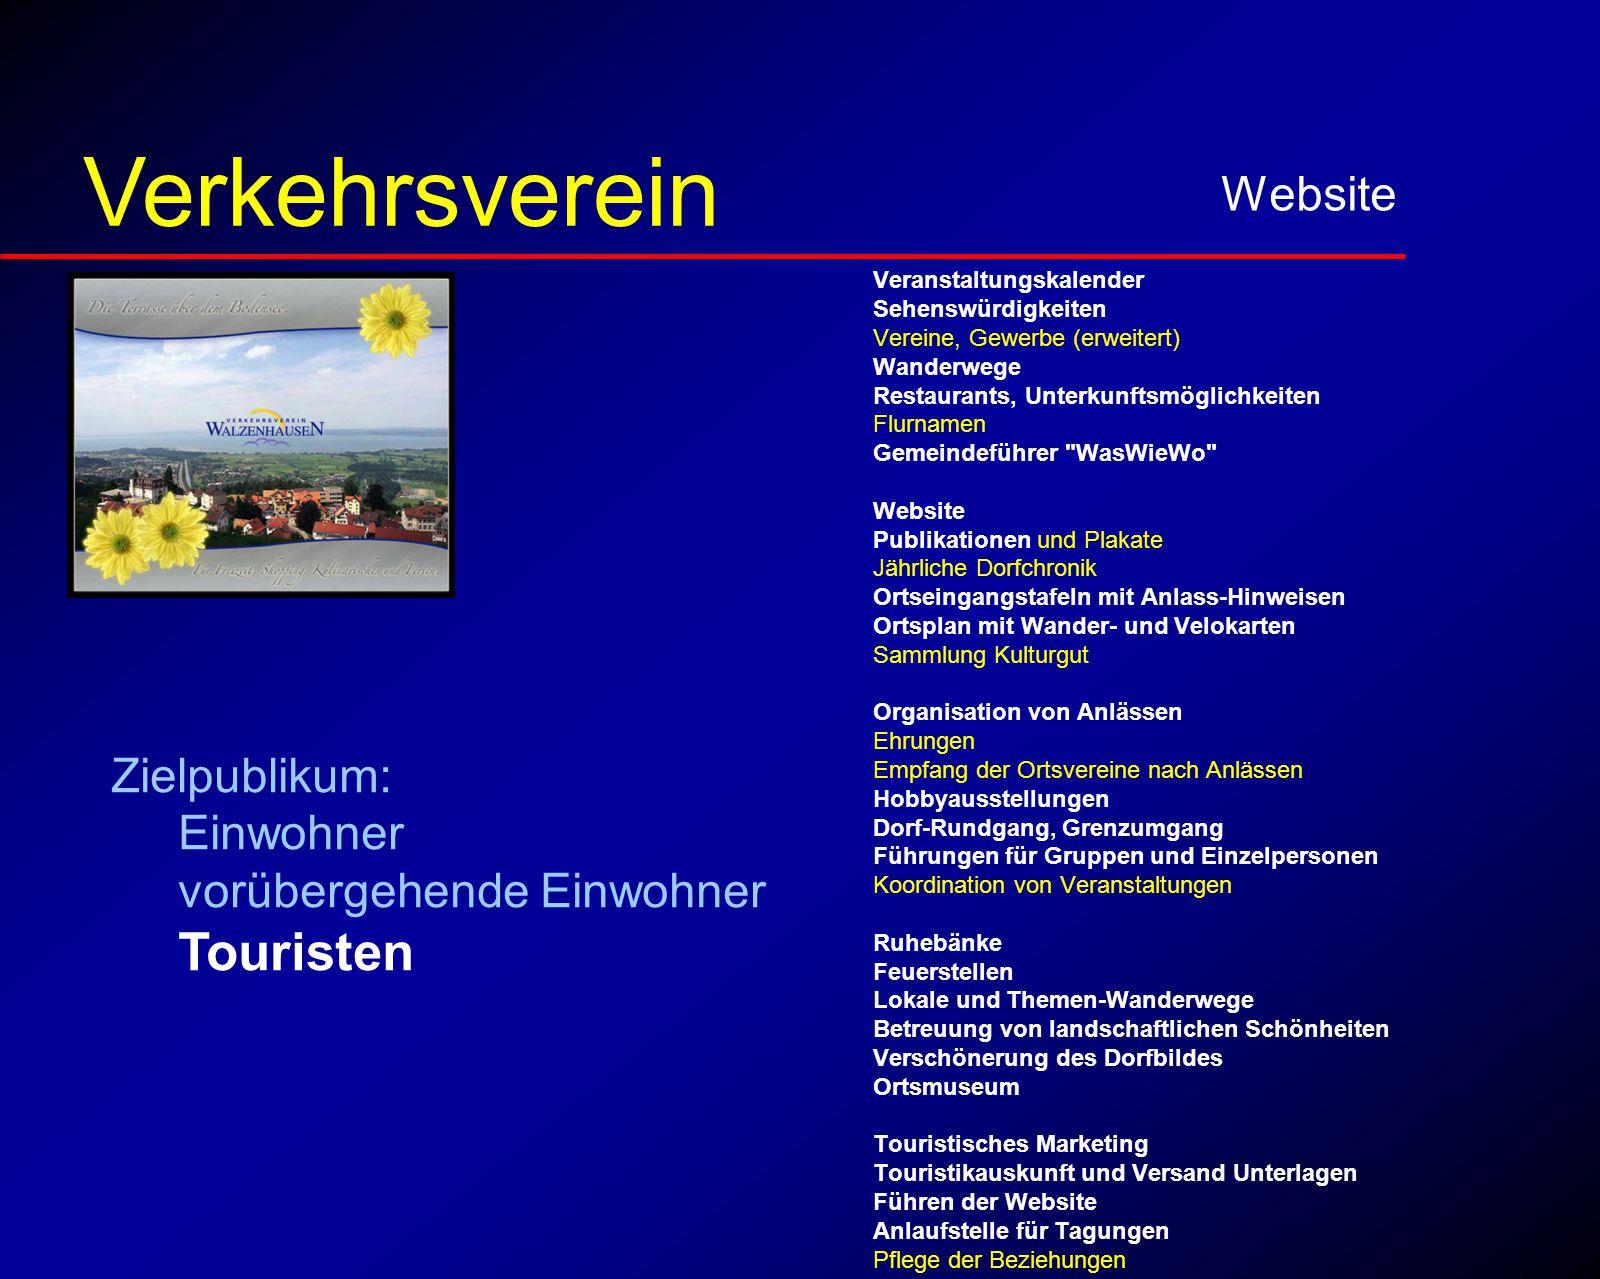 für Touristen Website Verkehrsverein Veranstaltungskalender Sehenswürdigkeiten Vereine, Gewerbe (erweitert) Wanderwege Restaurants, Unterkunftsmöglich